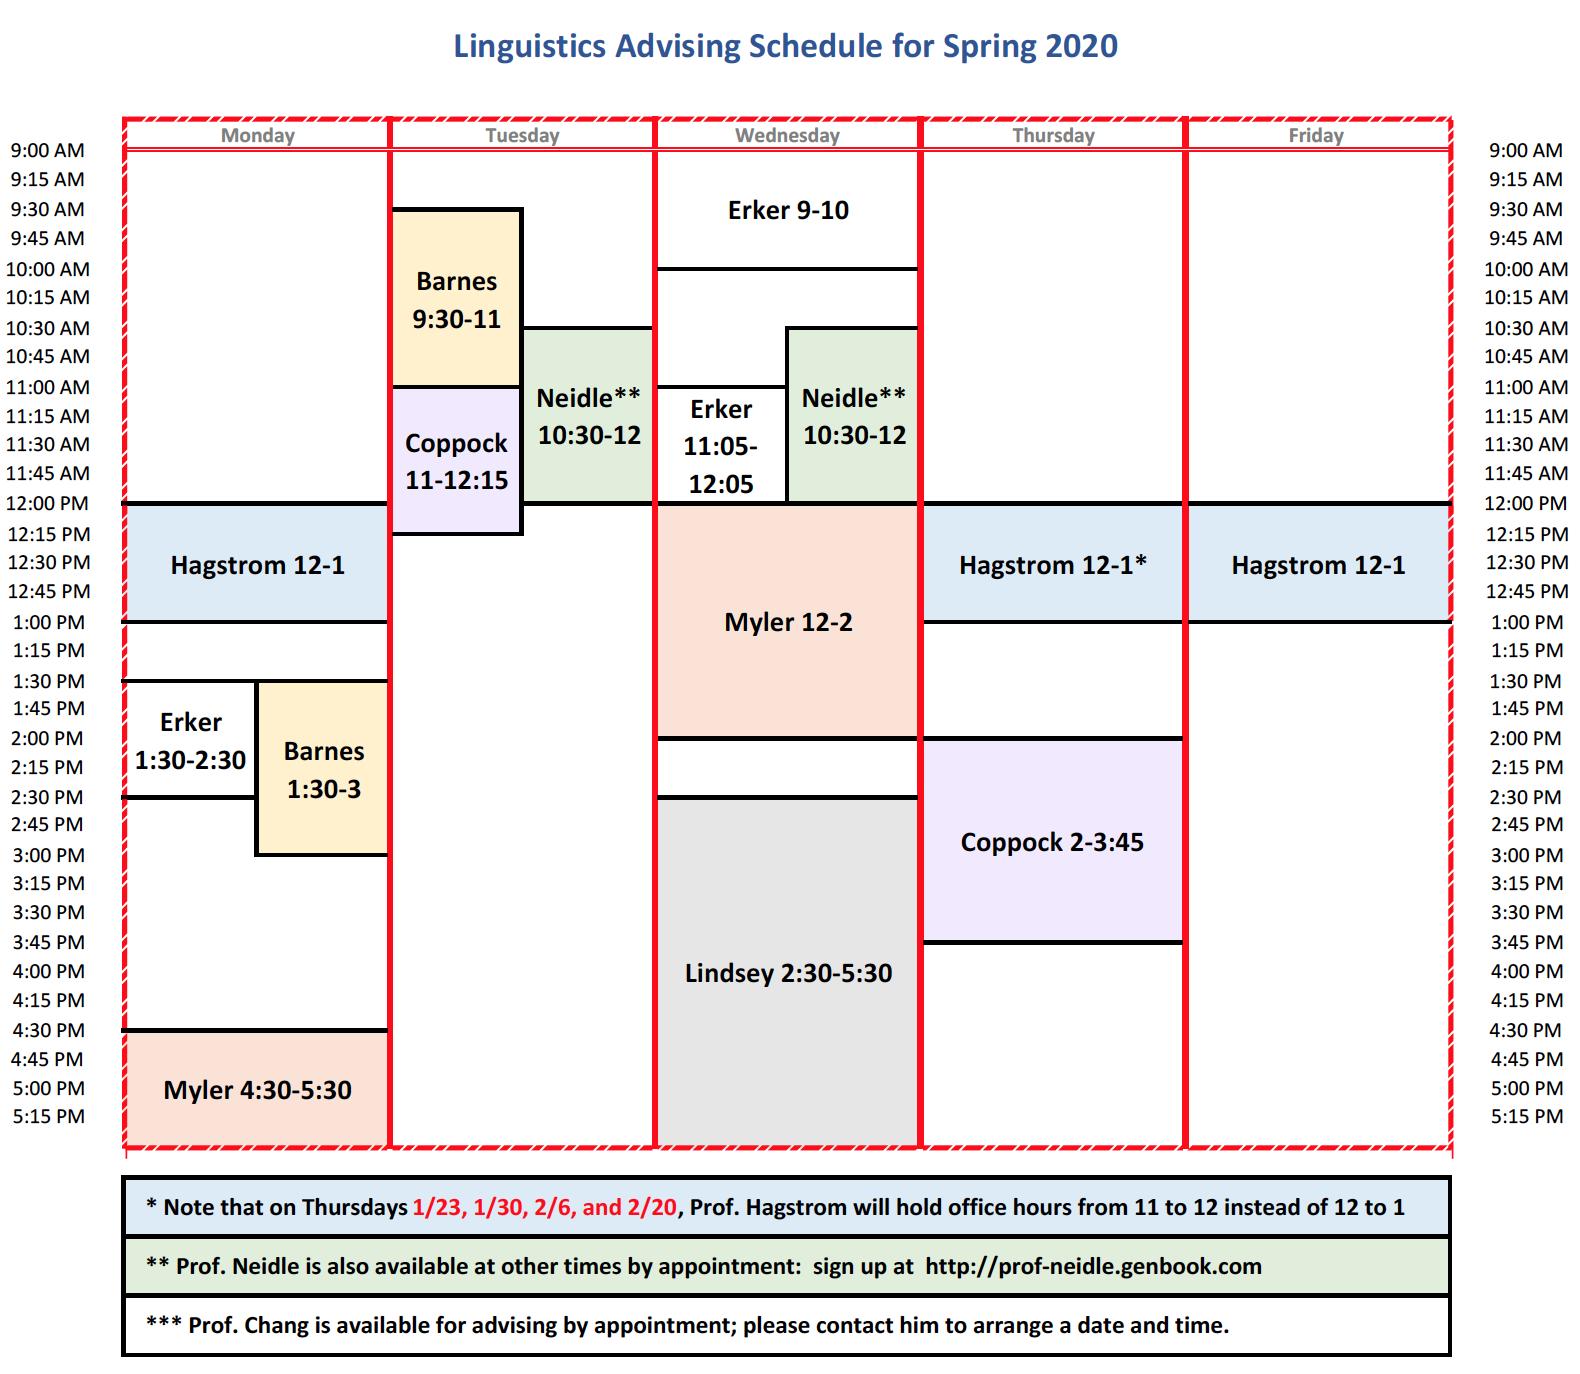 bu academic calendar 2020